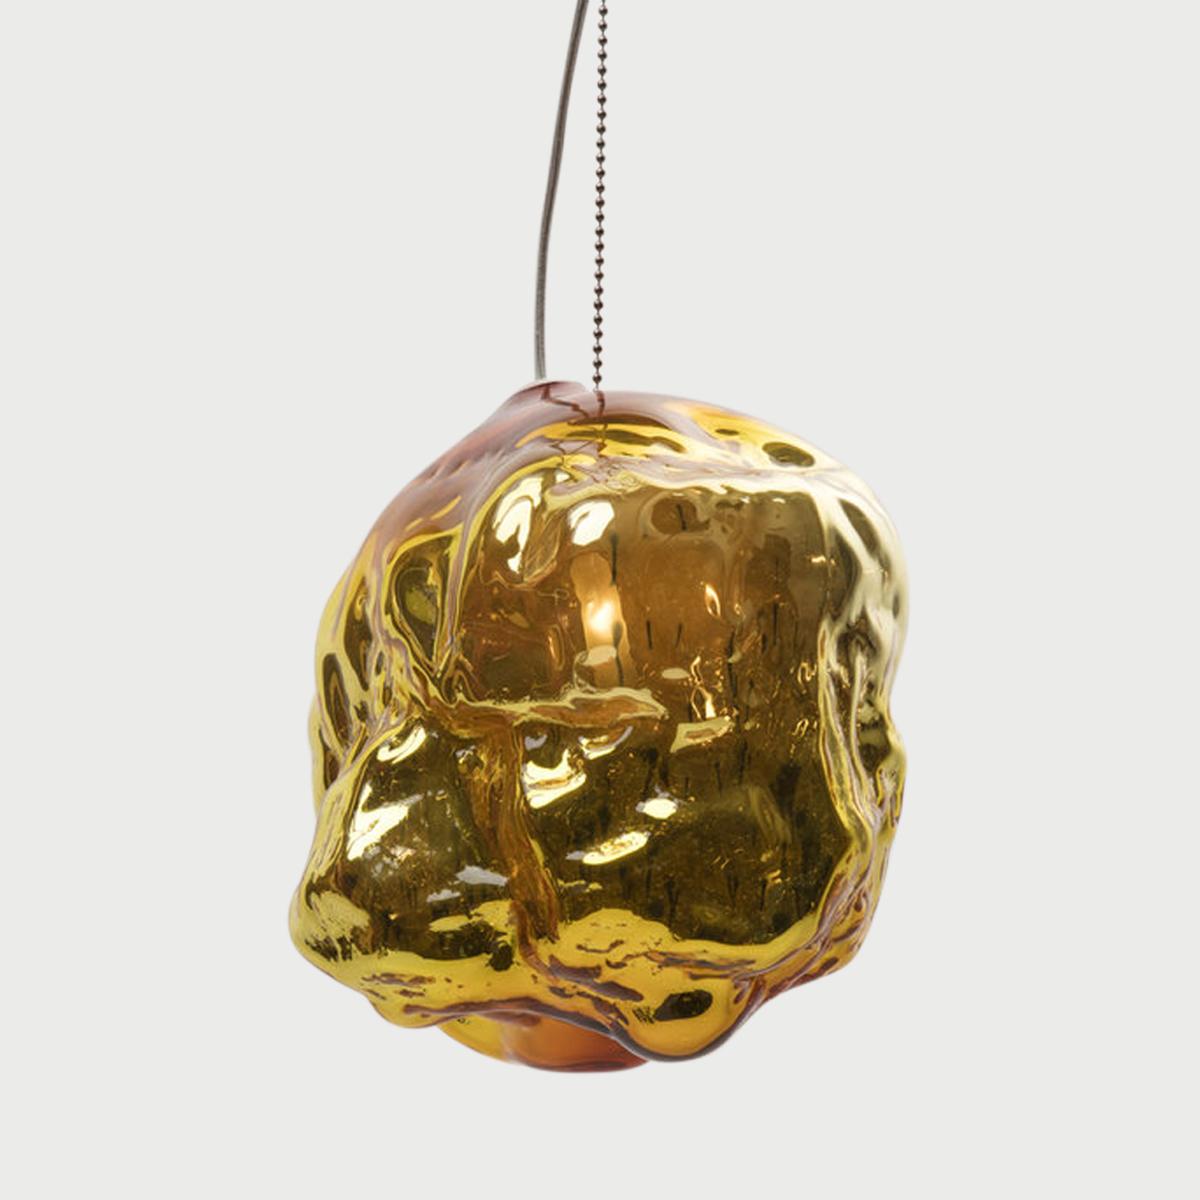 Golden crag pendent light esque studio